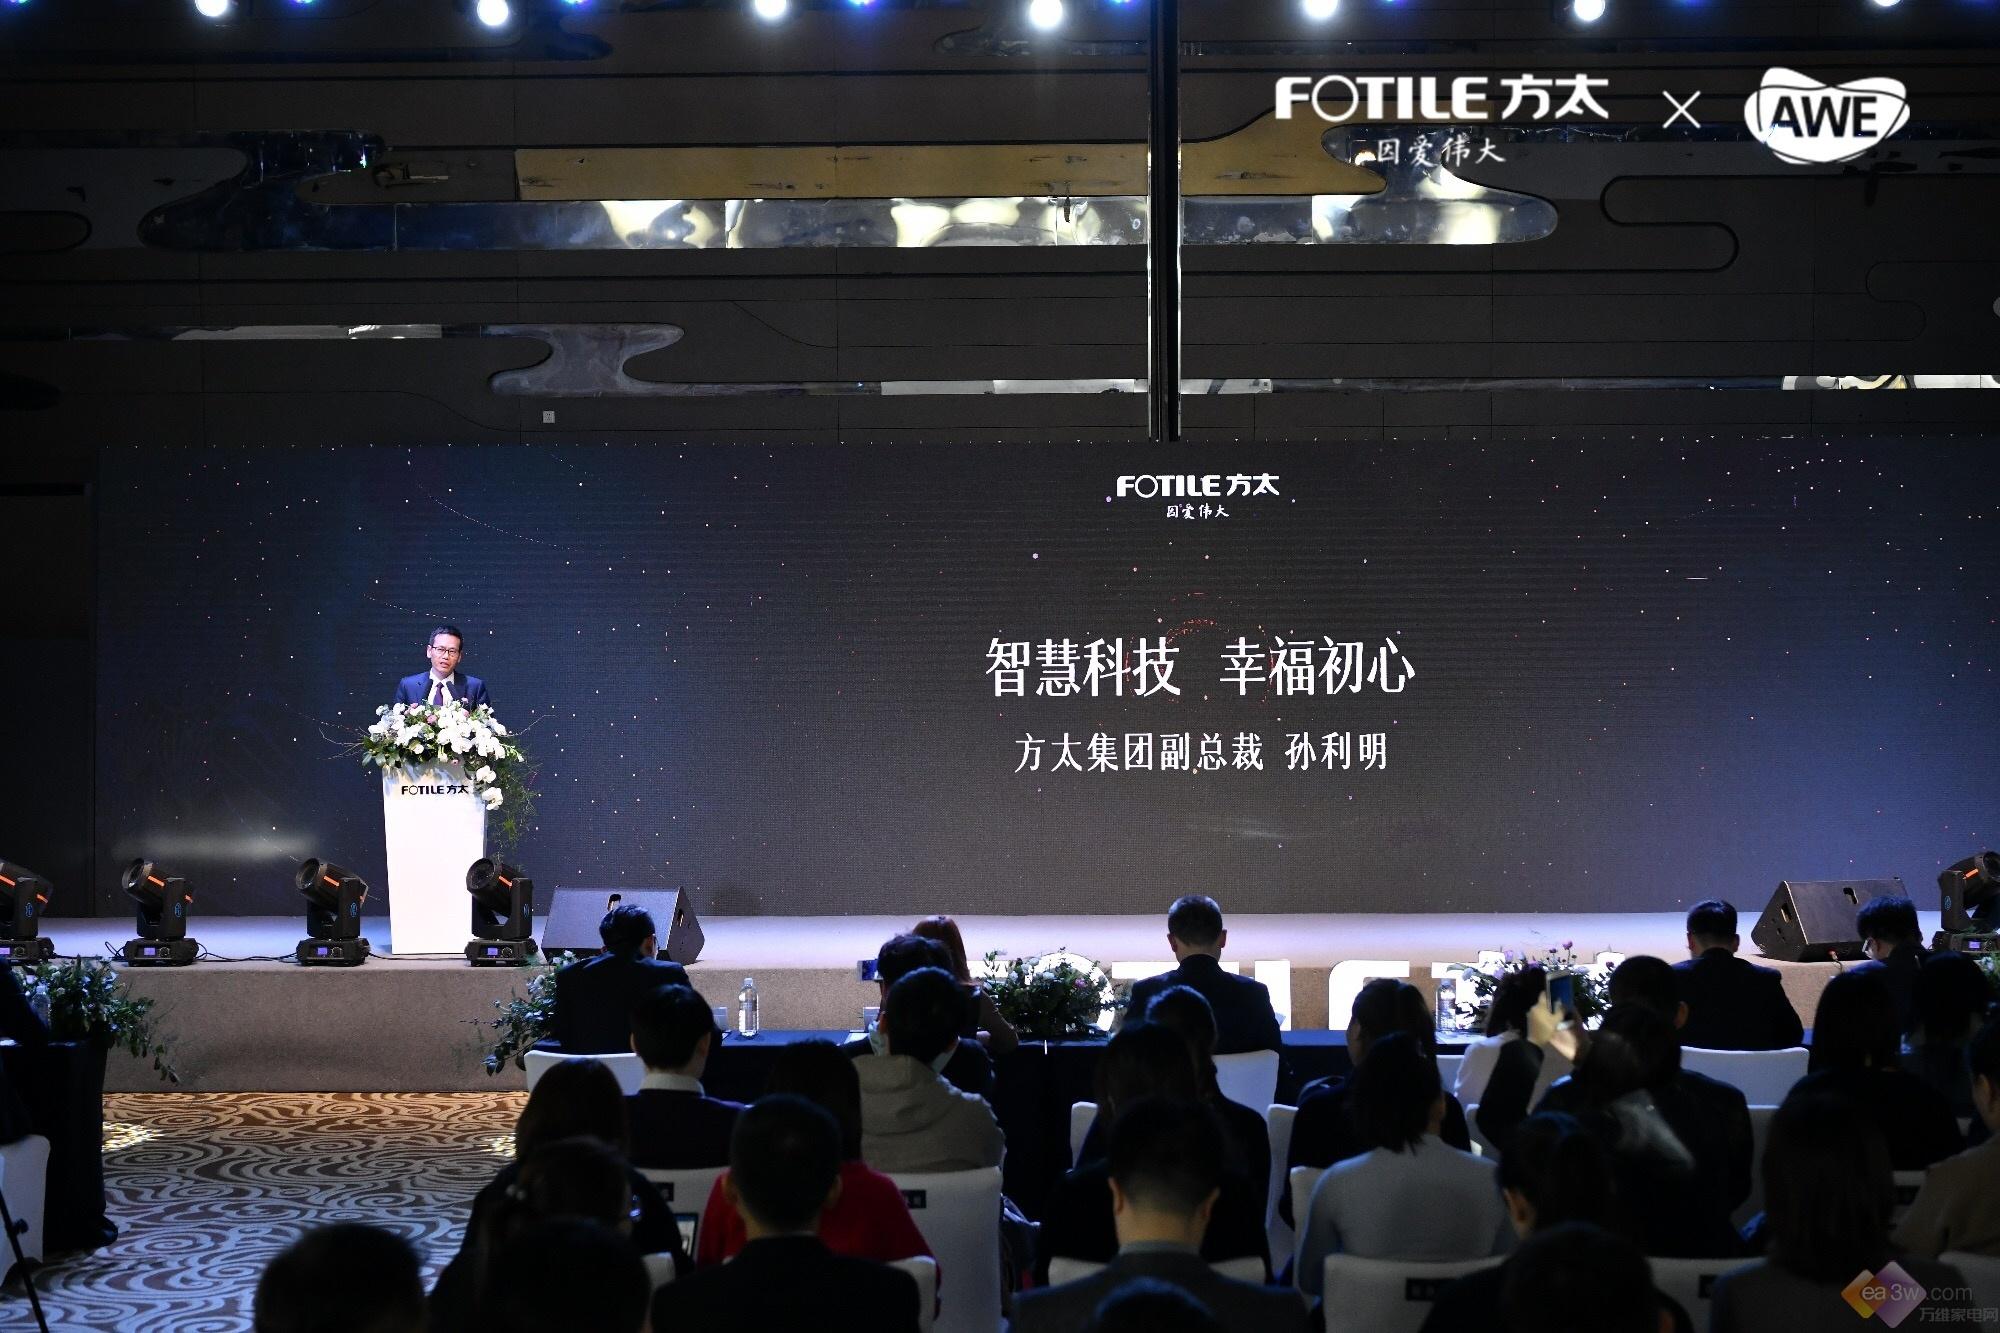 """方太三大智能厨电新品惊艳发布,用科技力量预见""""未来厨房"""""""